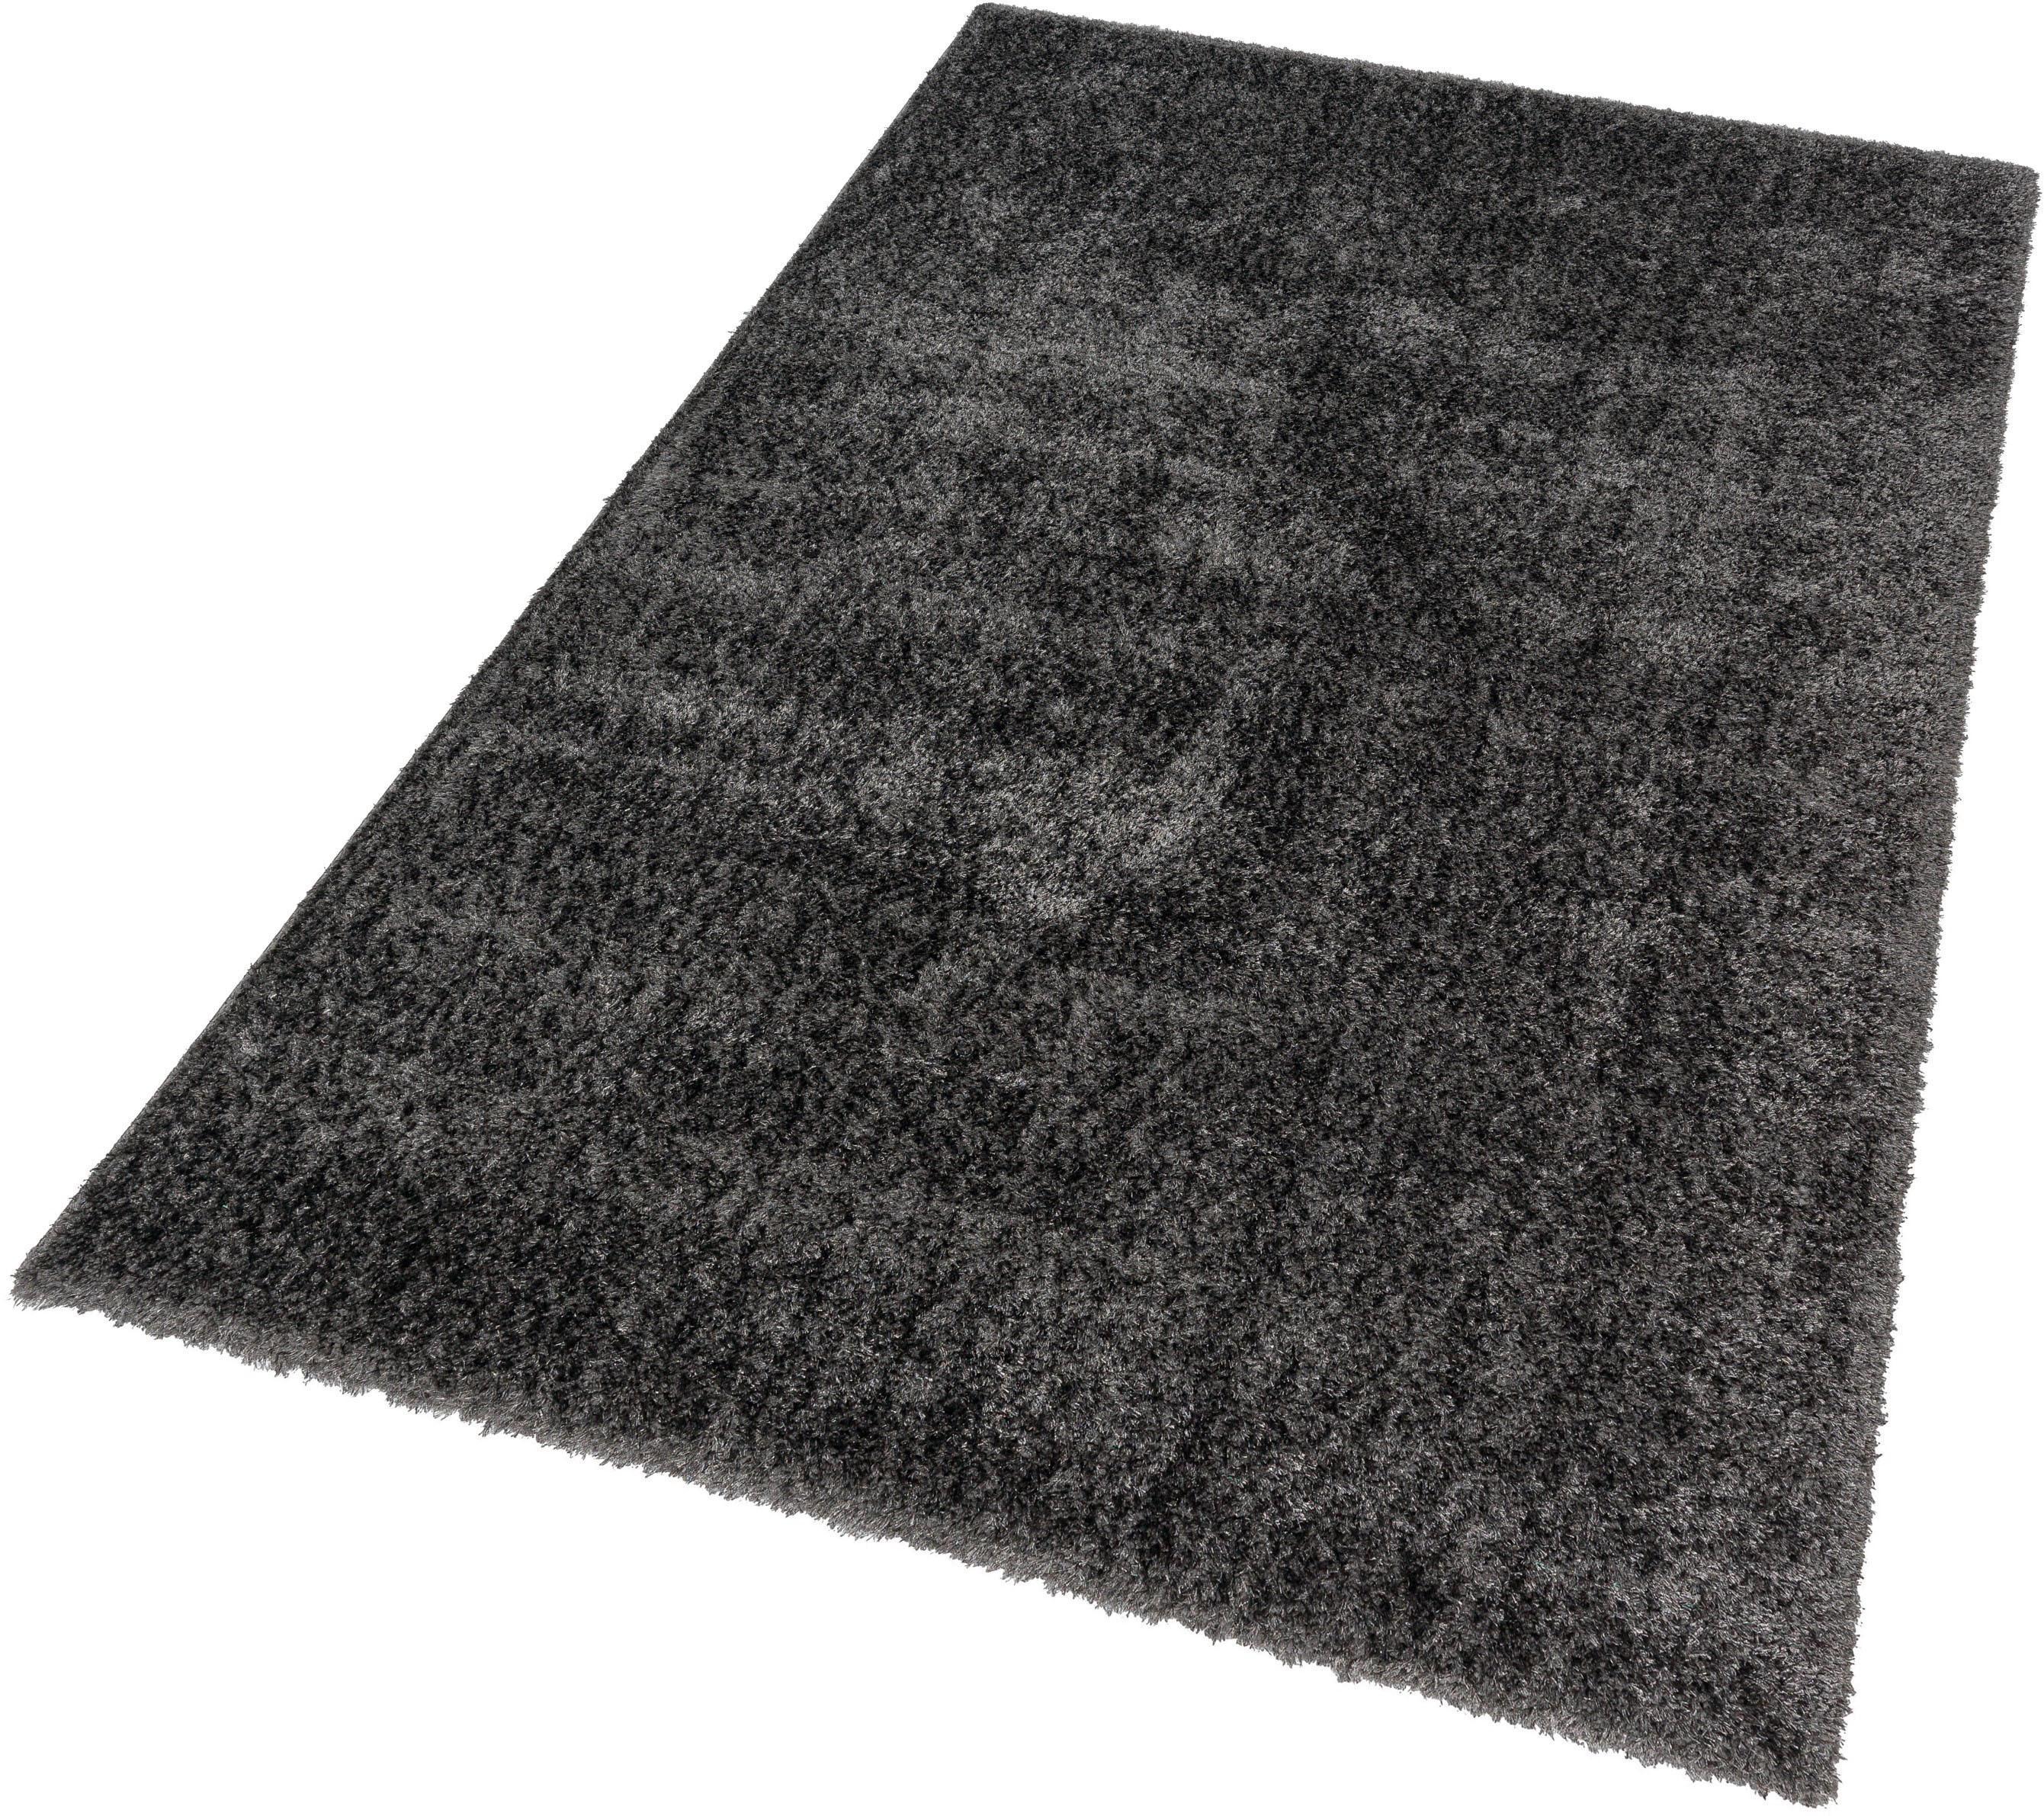 Hochflor-Teppich Matera 180 ASTRA rechteckig Höhe 42 mm maschinell gewebt